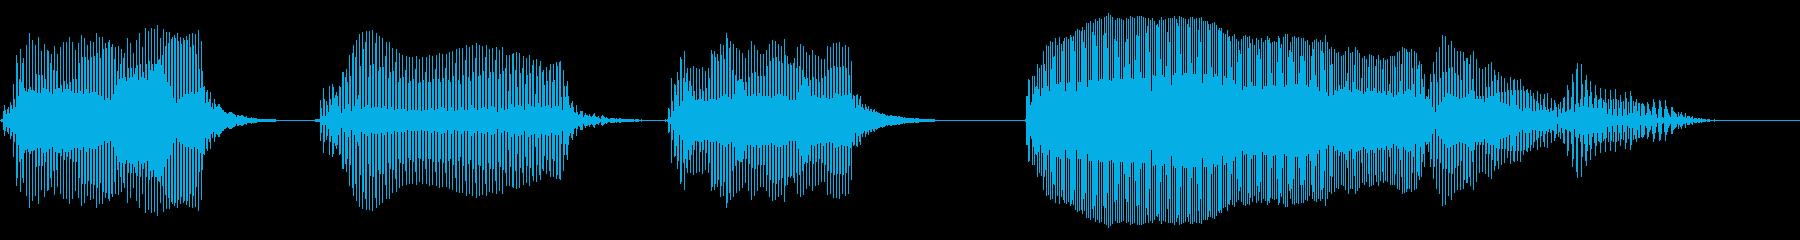 明るくゆるいトランペットフレーズの再生済みの波形